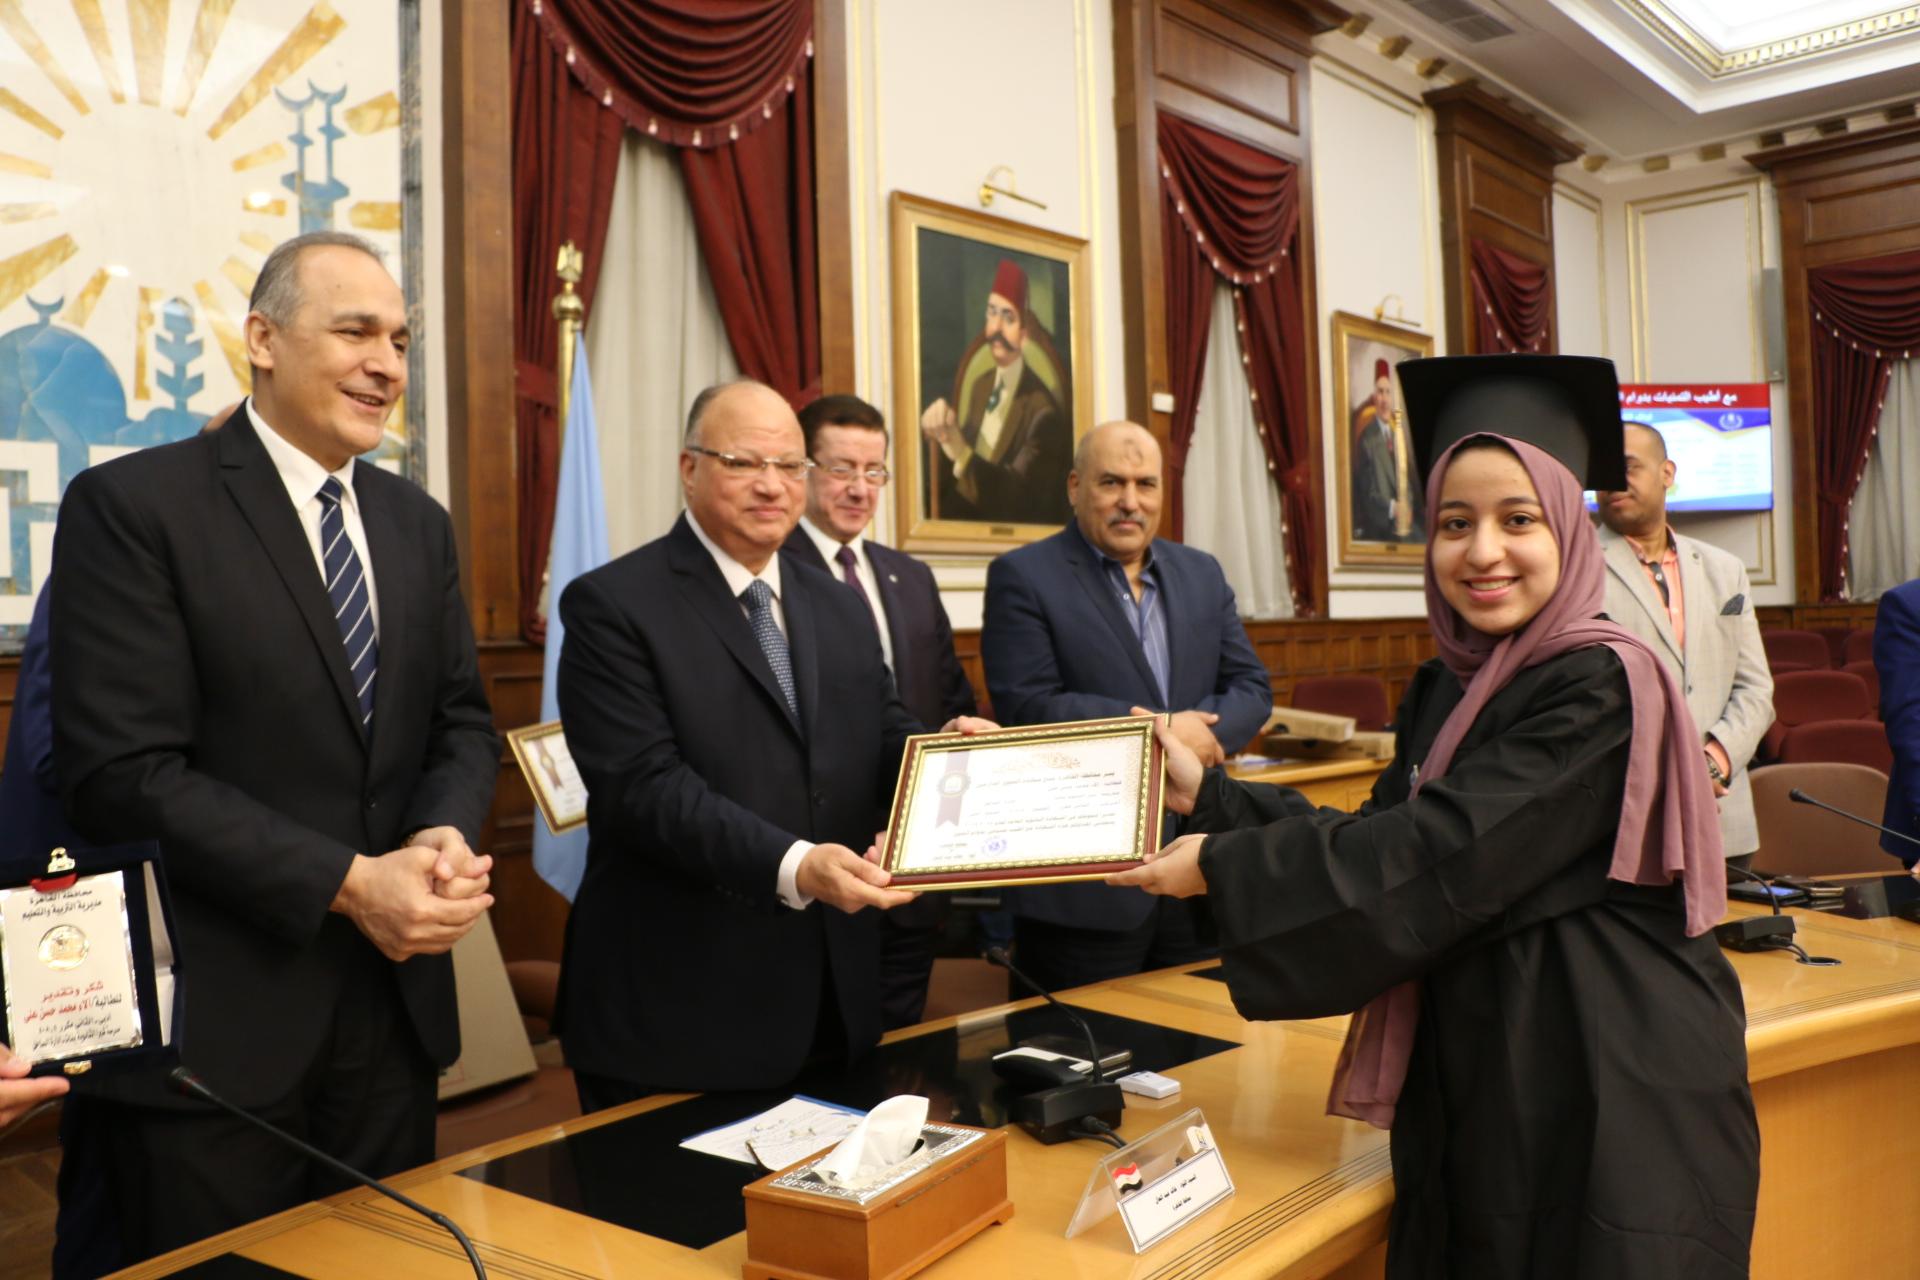 محافظ القاهرة يكرم أوائل الثانوية العامة  (6)